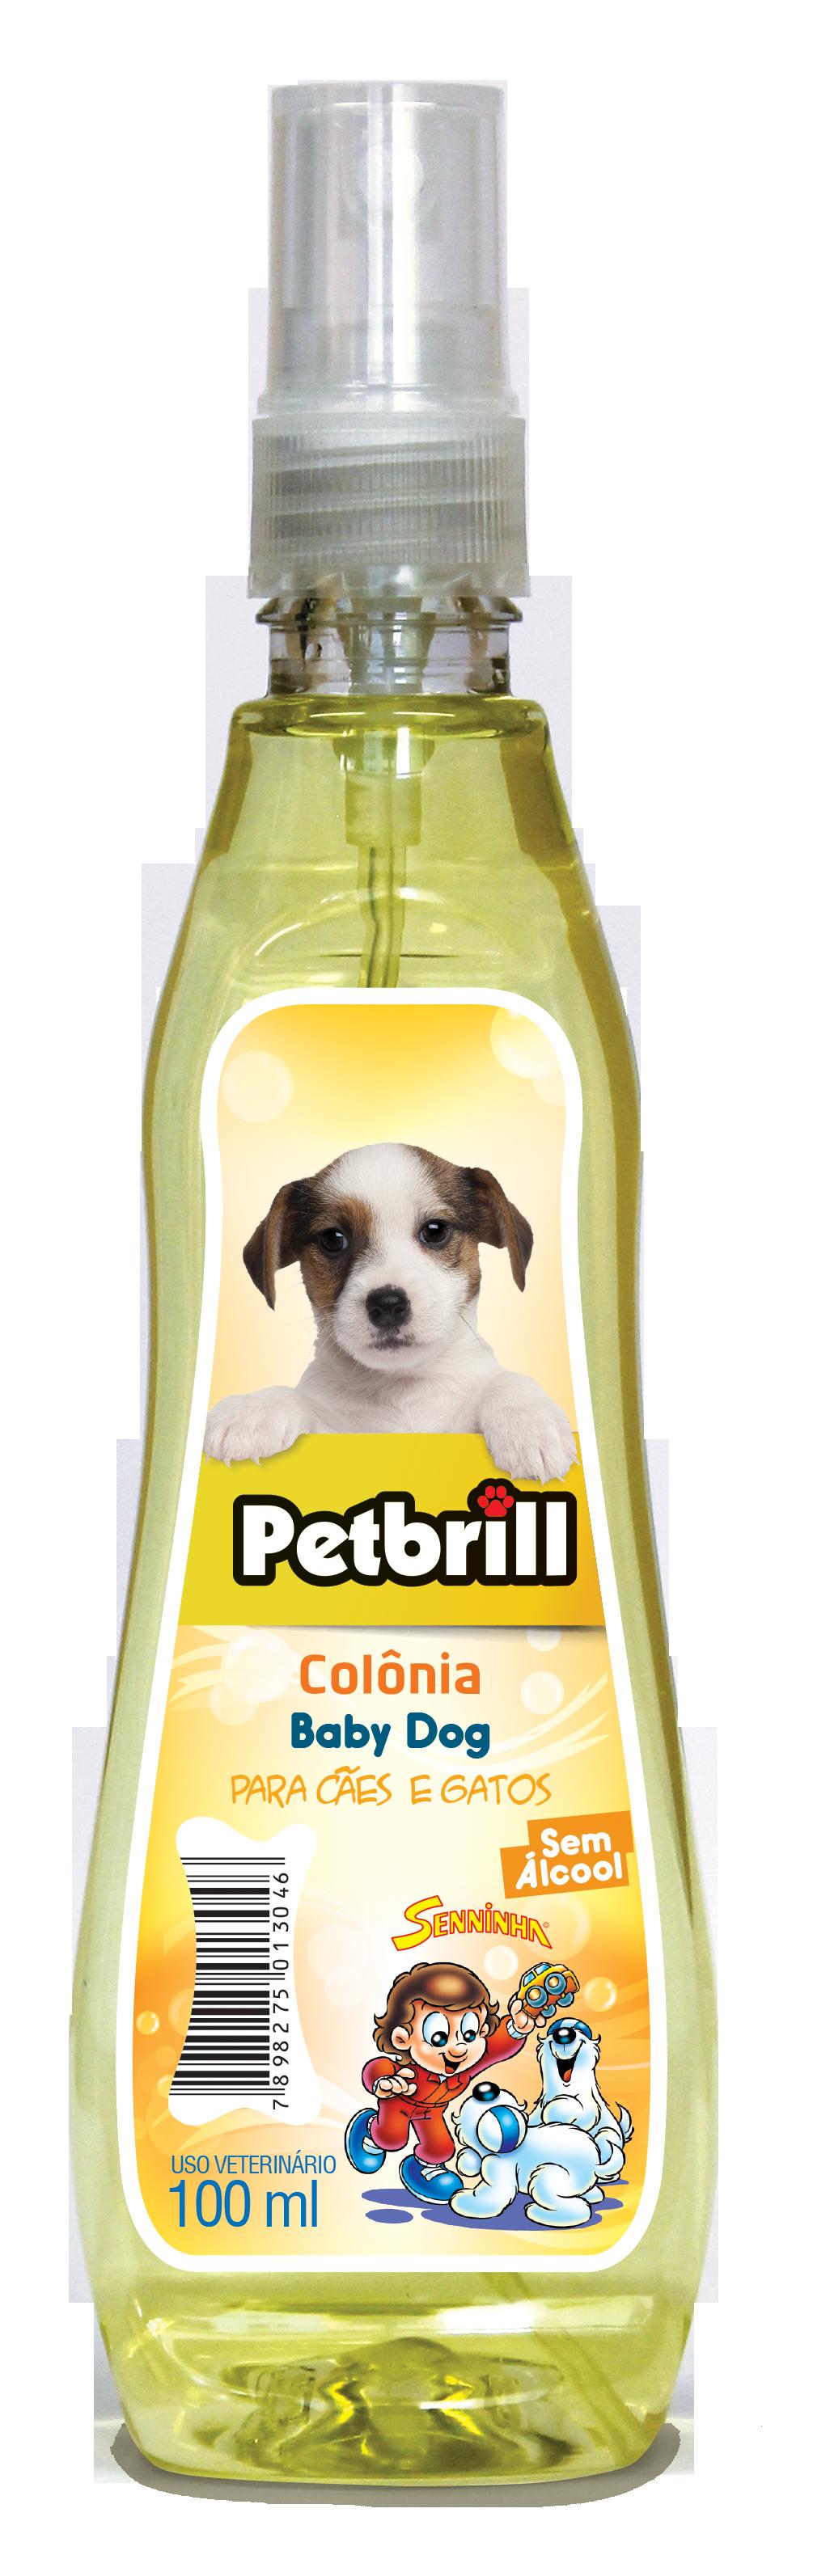 COLÔNIA BABY DOG